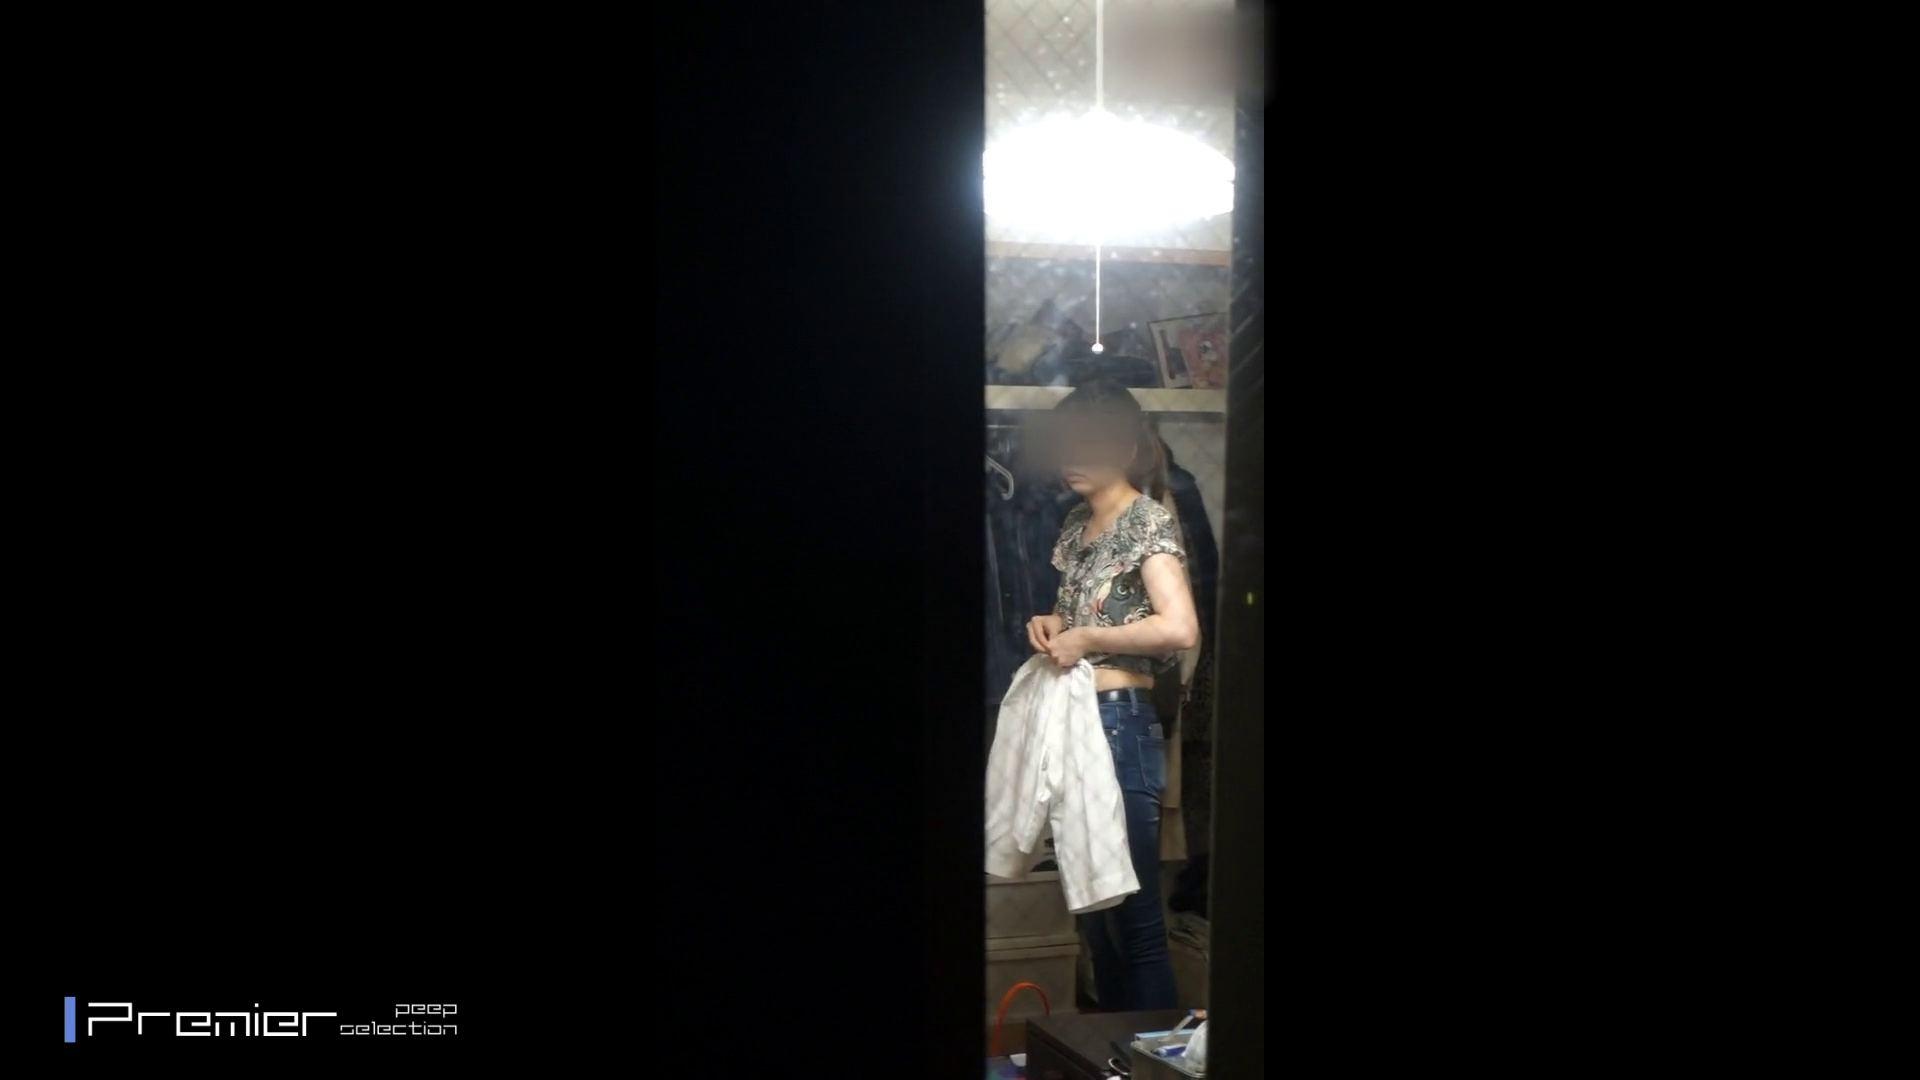 美人 OL のおっぱいとセクシーランジェリー  美女達の私生活に潜入! 美女 盗撮オマンコ無修正動画無料 47pic 39